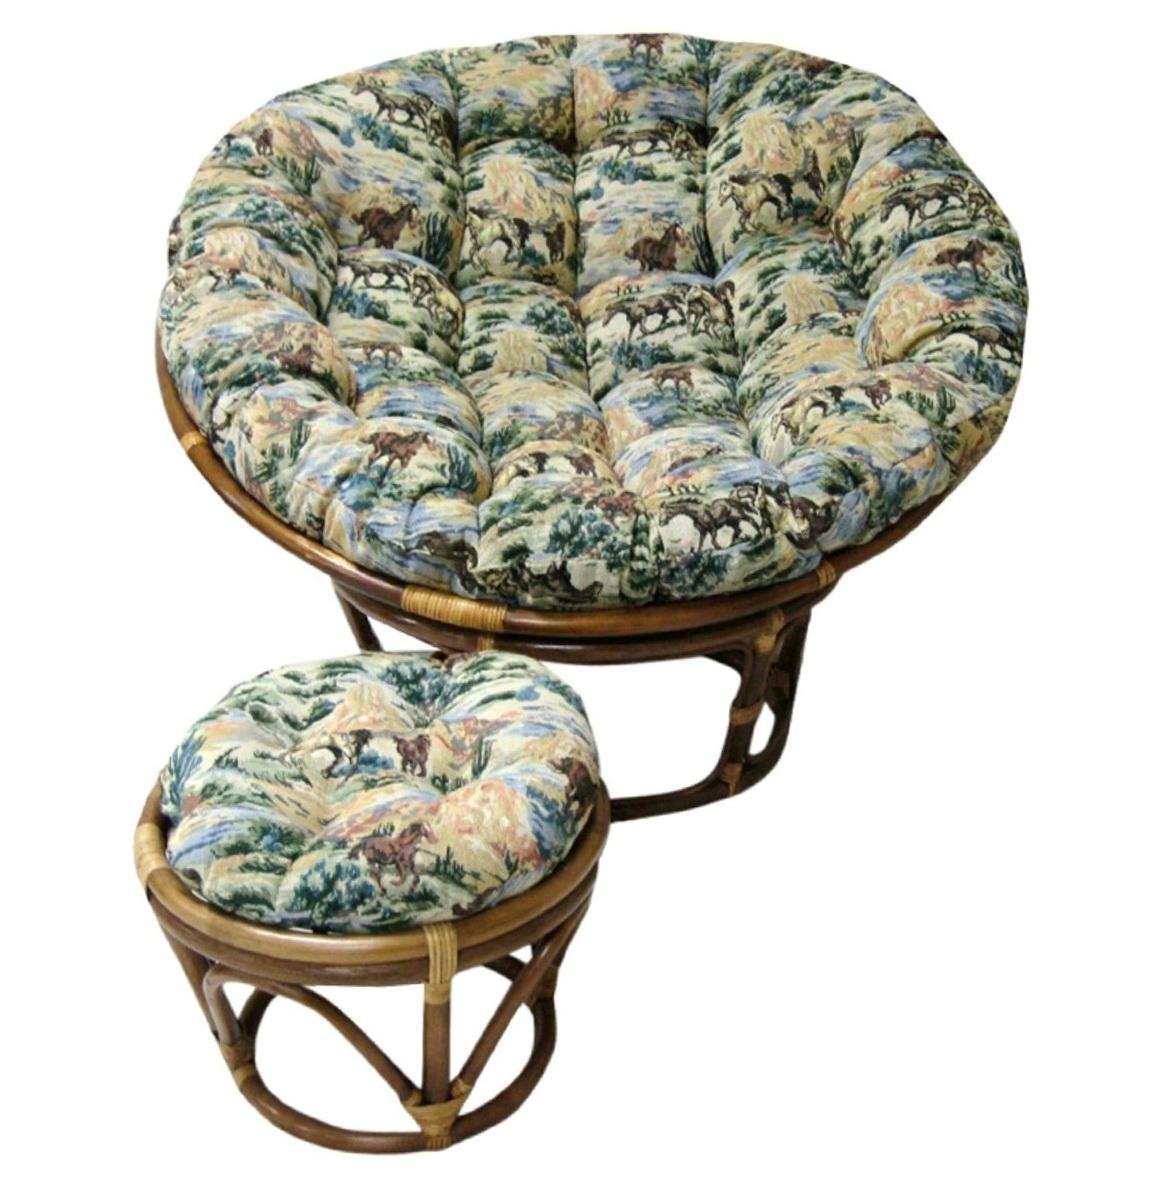 Wheelchair Seat Cushion Covers